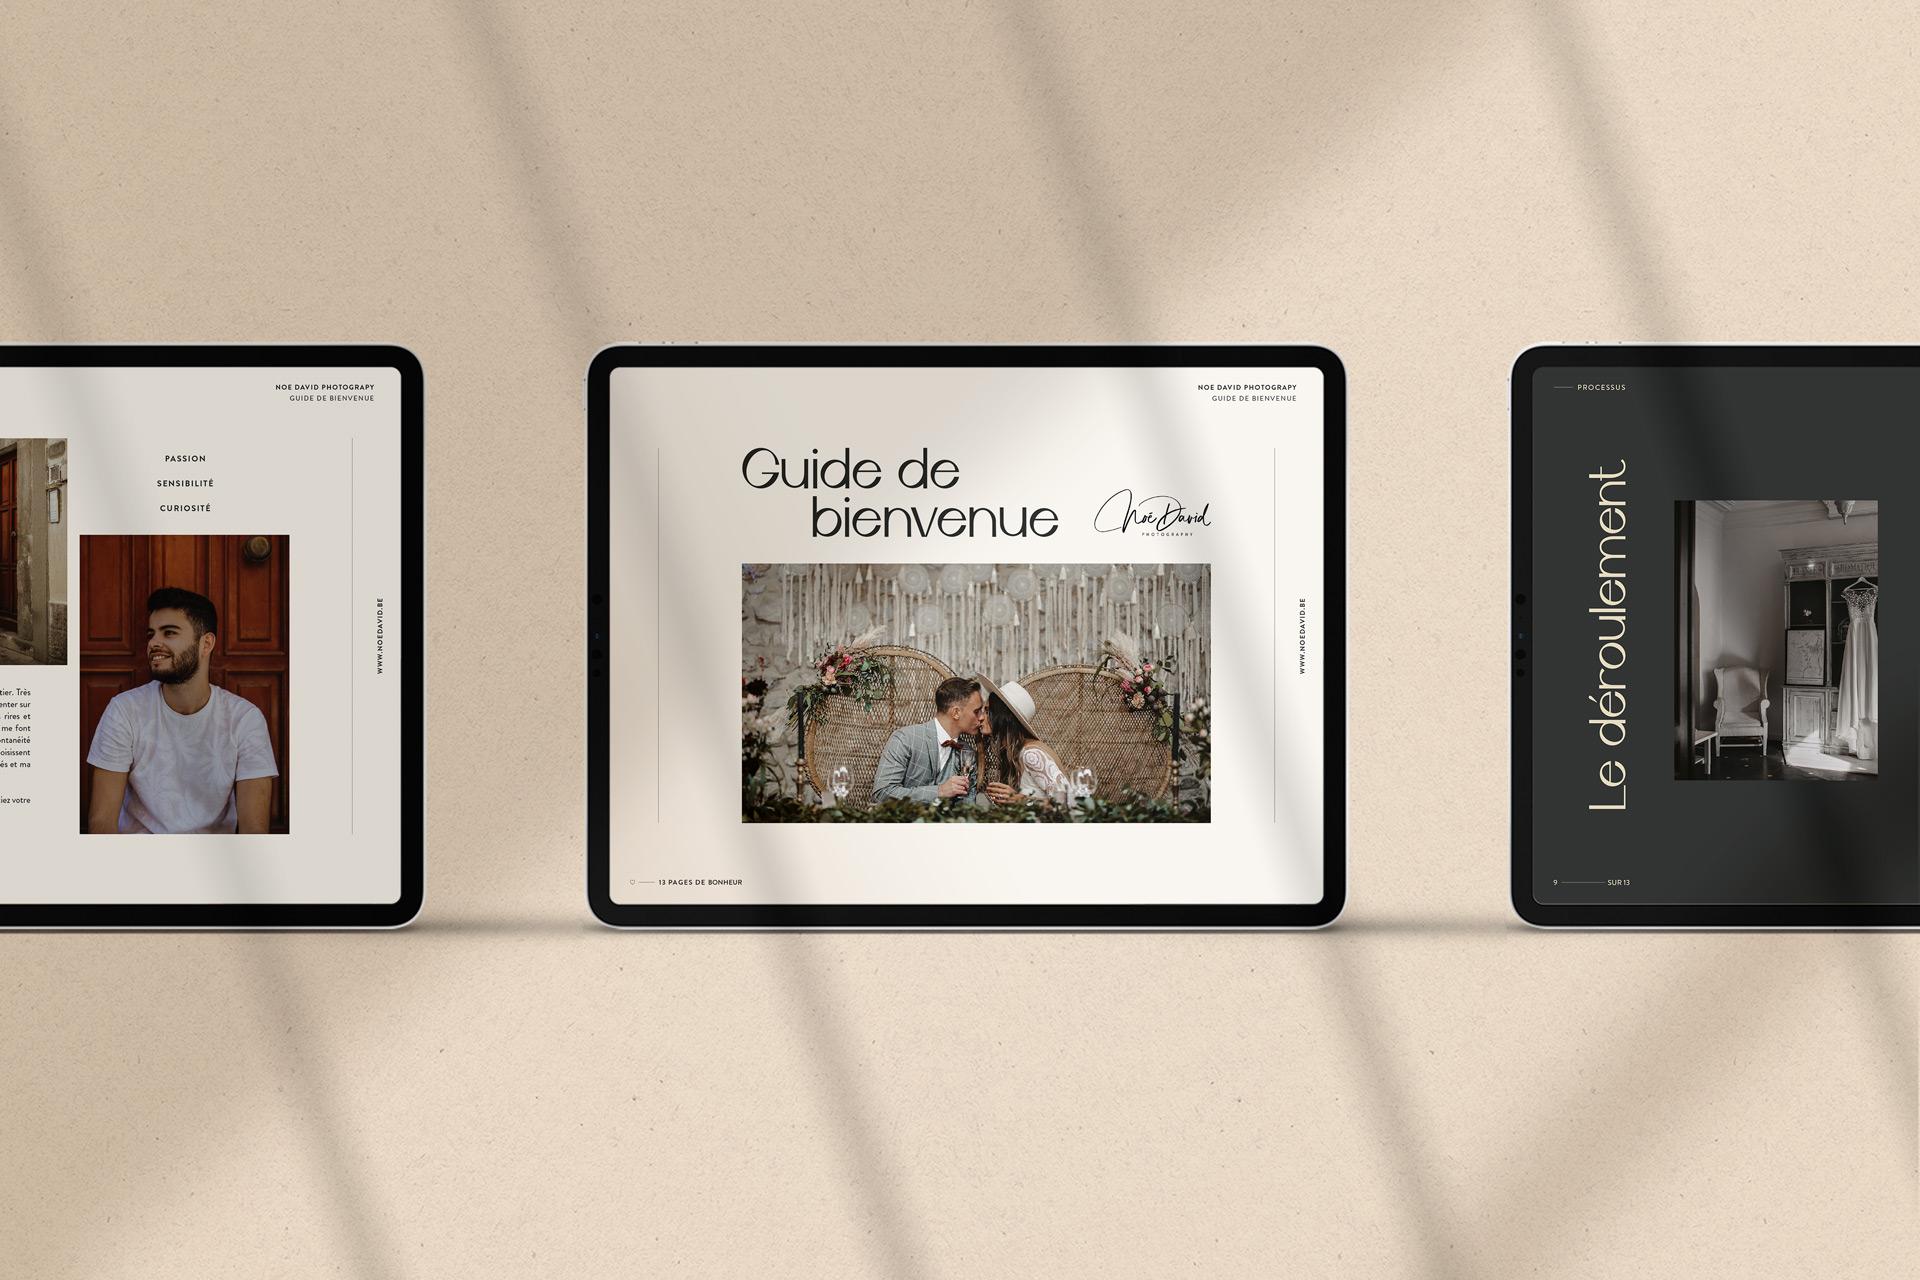 guide-noedavid-photographe-graphiste-webdesigner-freelance-strasbourg-studiopolette-02